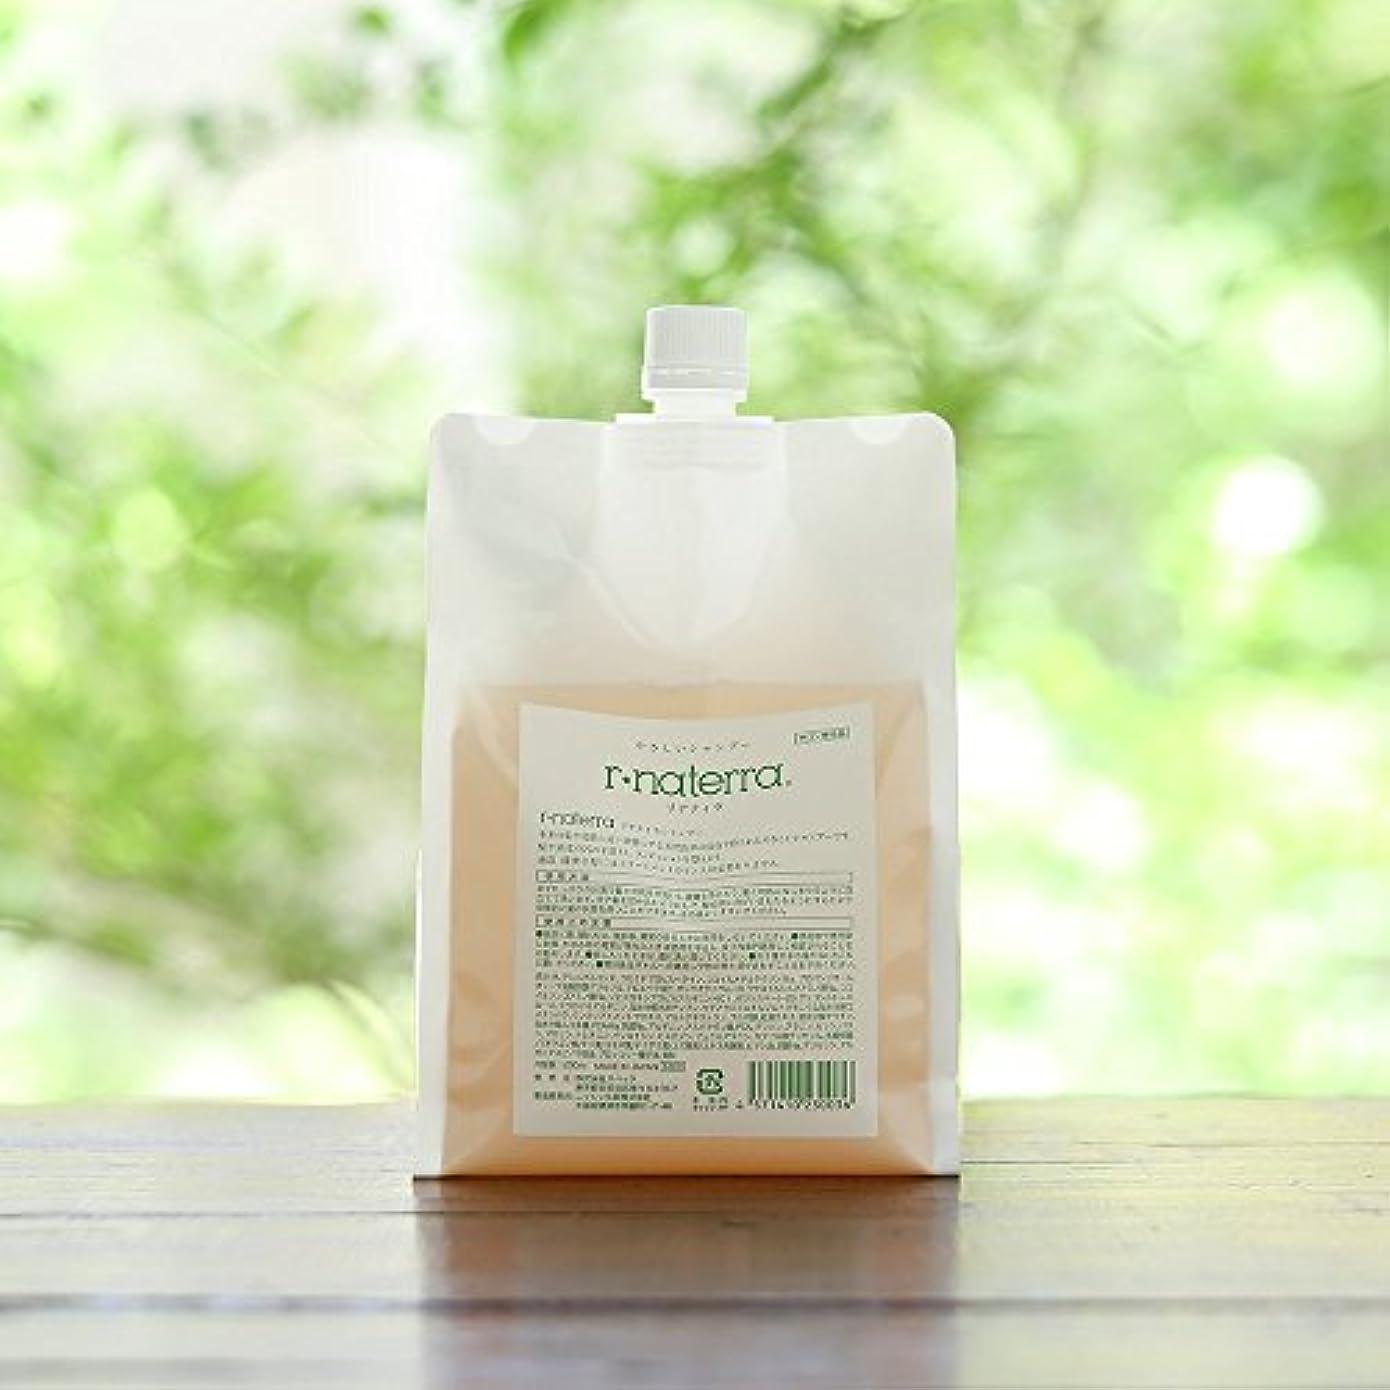 スタックイースター潮植物由来オールインワン自然派シャンプー リナティラ 1000ml ※フルボ酸シャンプー(ノンシリコン)